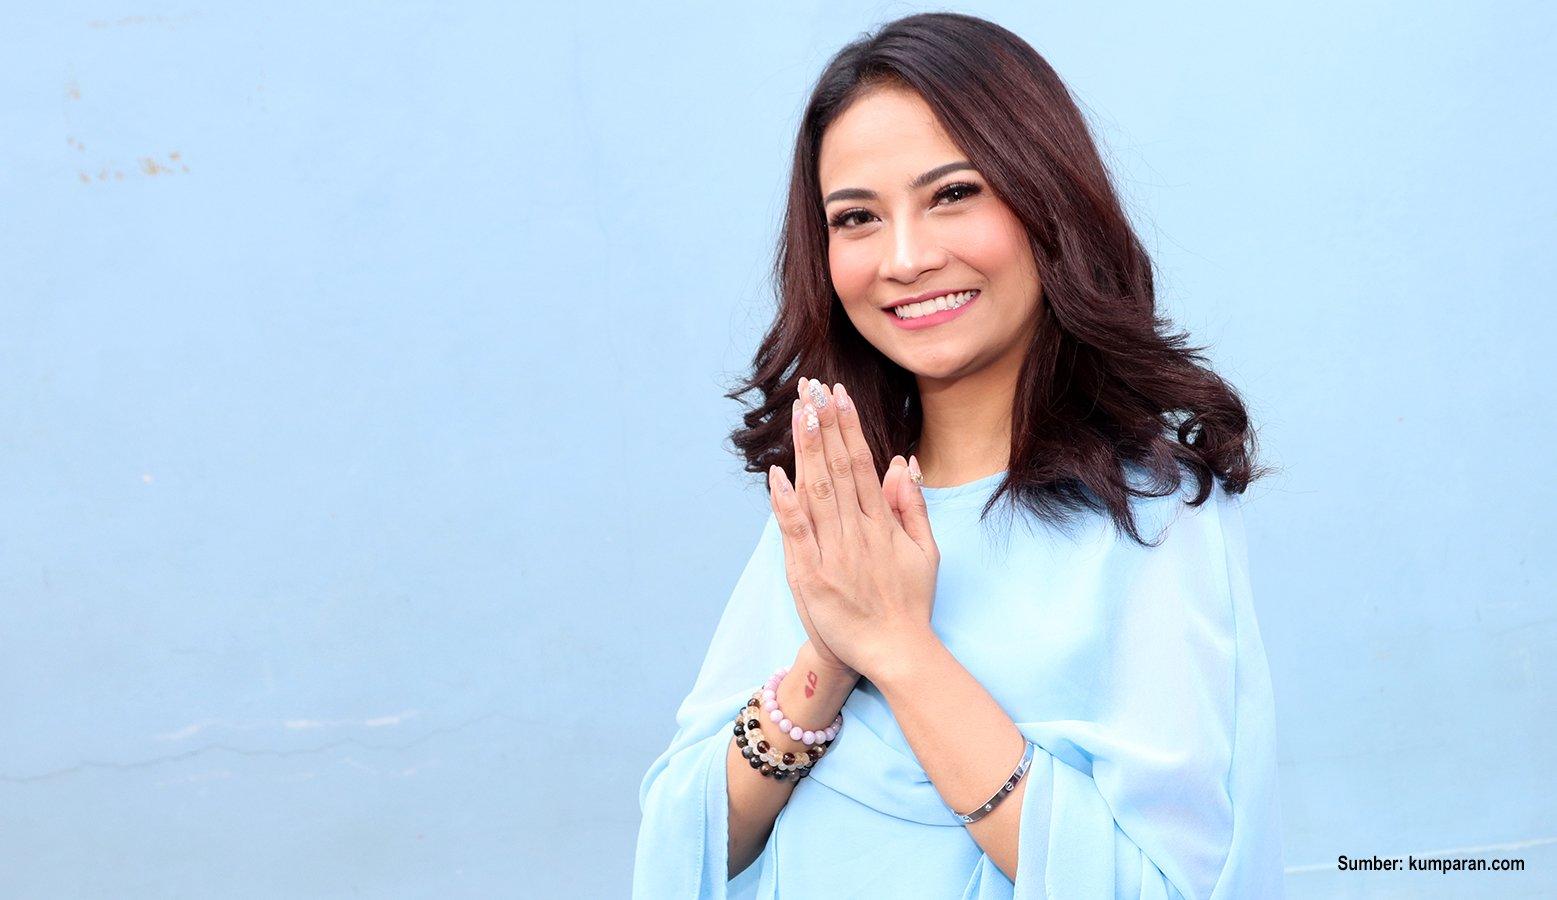 7 Artis Cantik Indonesia Yang Pernah Ditawar Hingga 1 Miliar Untuk Main